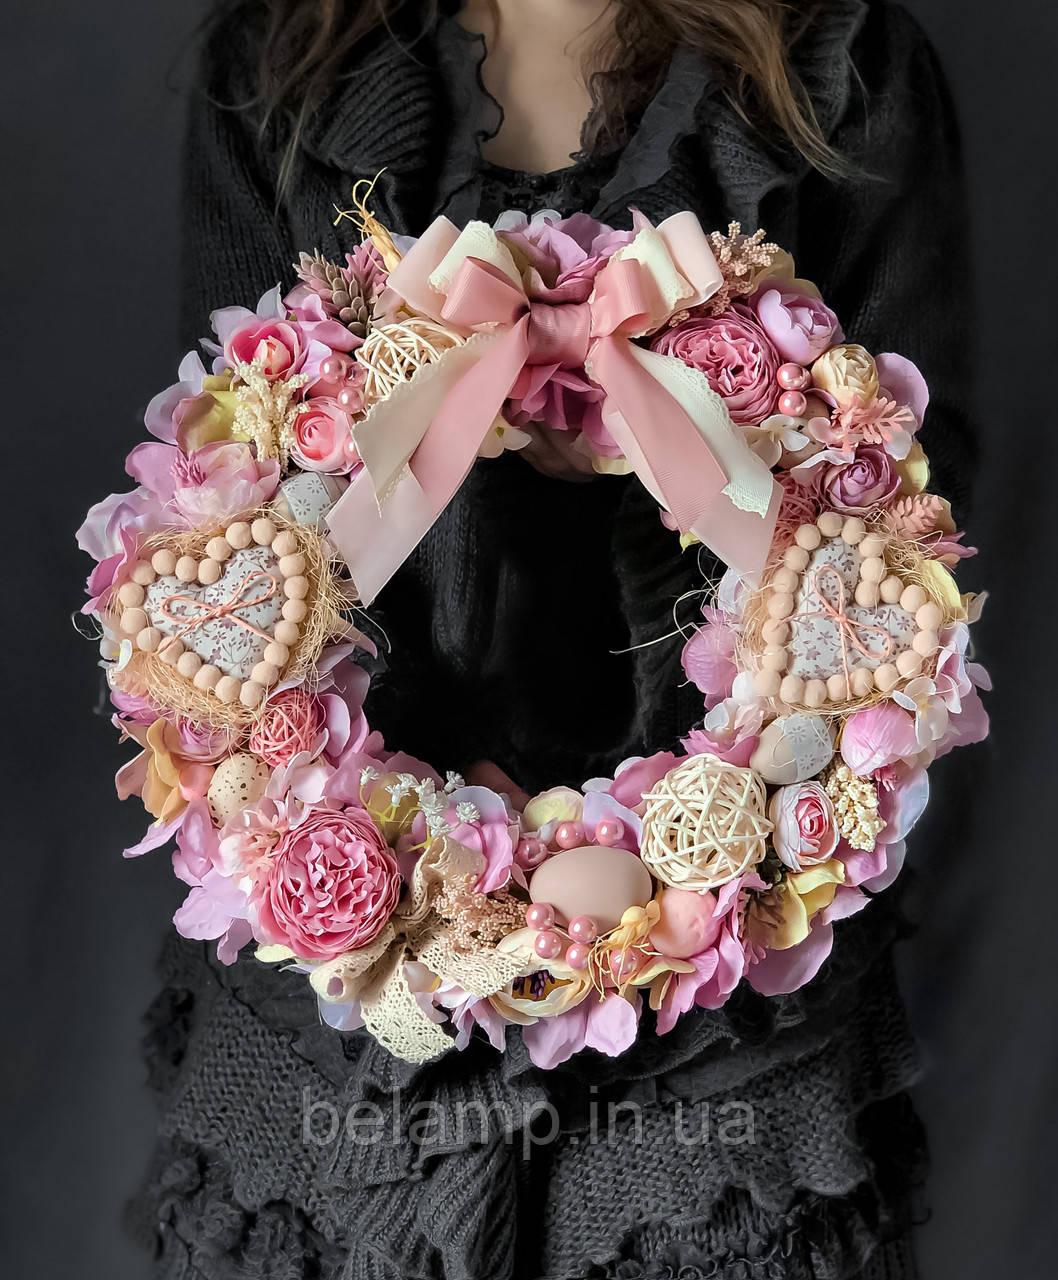 Пасхальный венок на стол или двери «Розовые мечты»